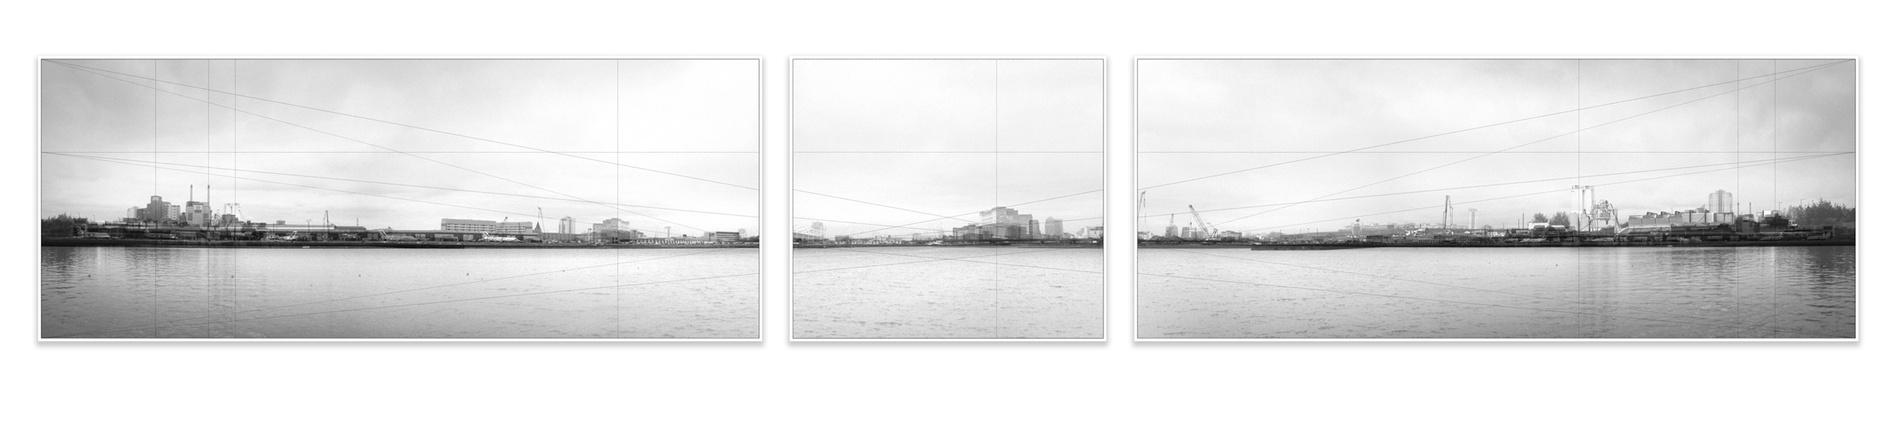 Distant Landscape 3